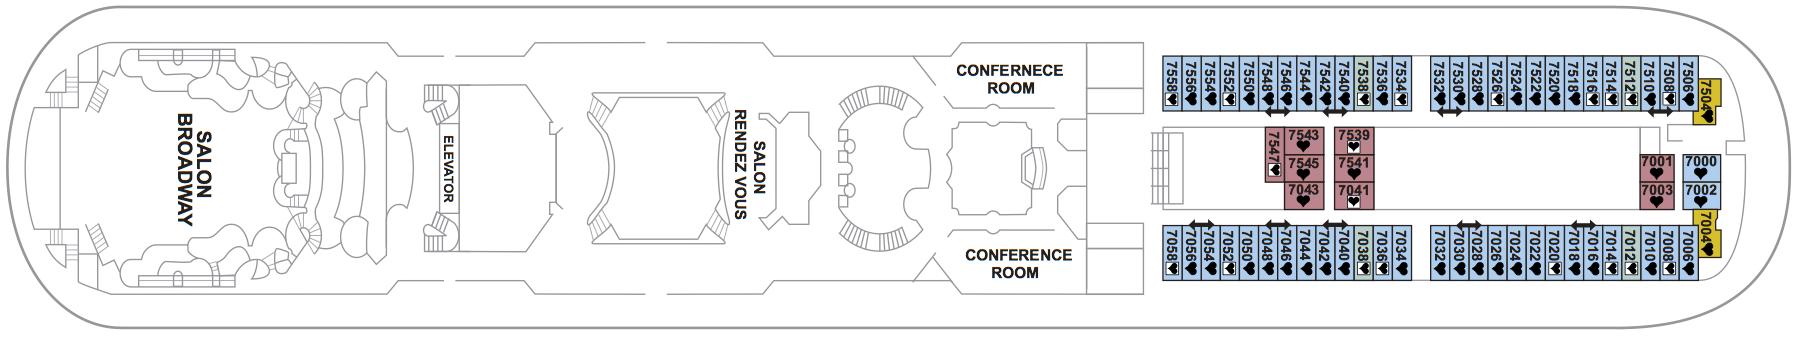 Pullmantur Monarch Deck Plans Deck 7.jpg